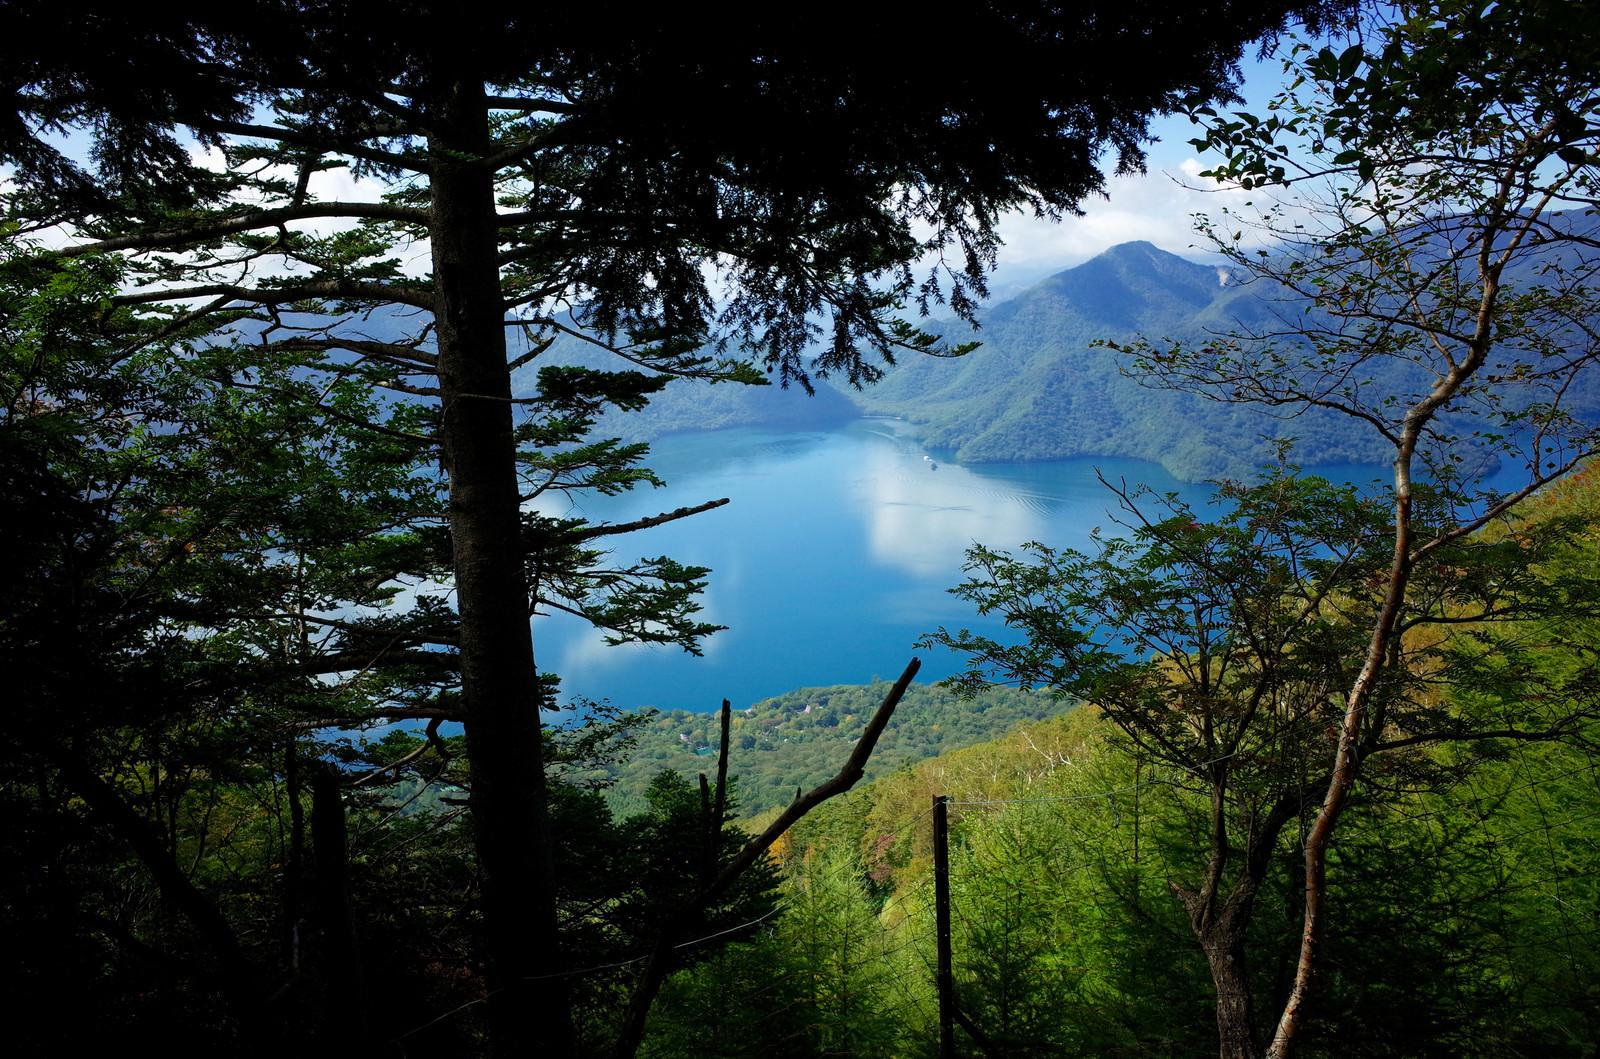 「男体山登山道から見下ろす中禅寺湖(ちゅうぜんじこ)」の写真